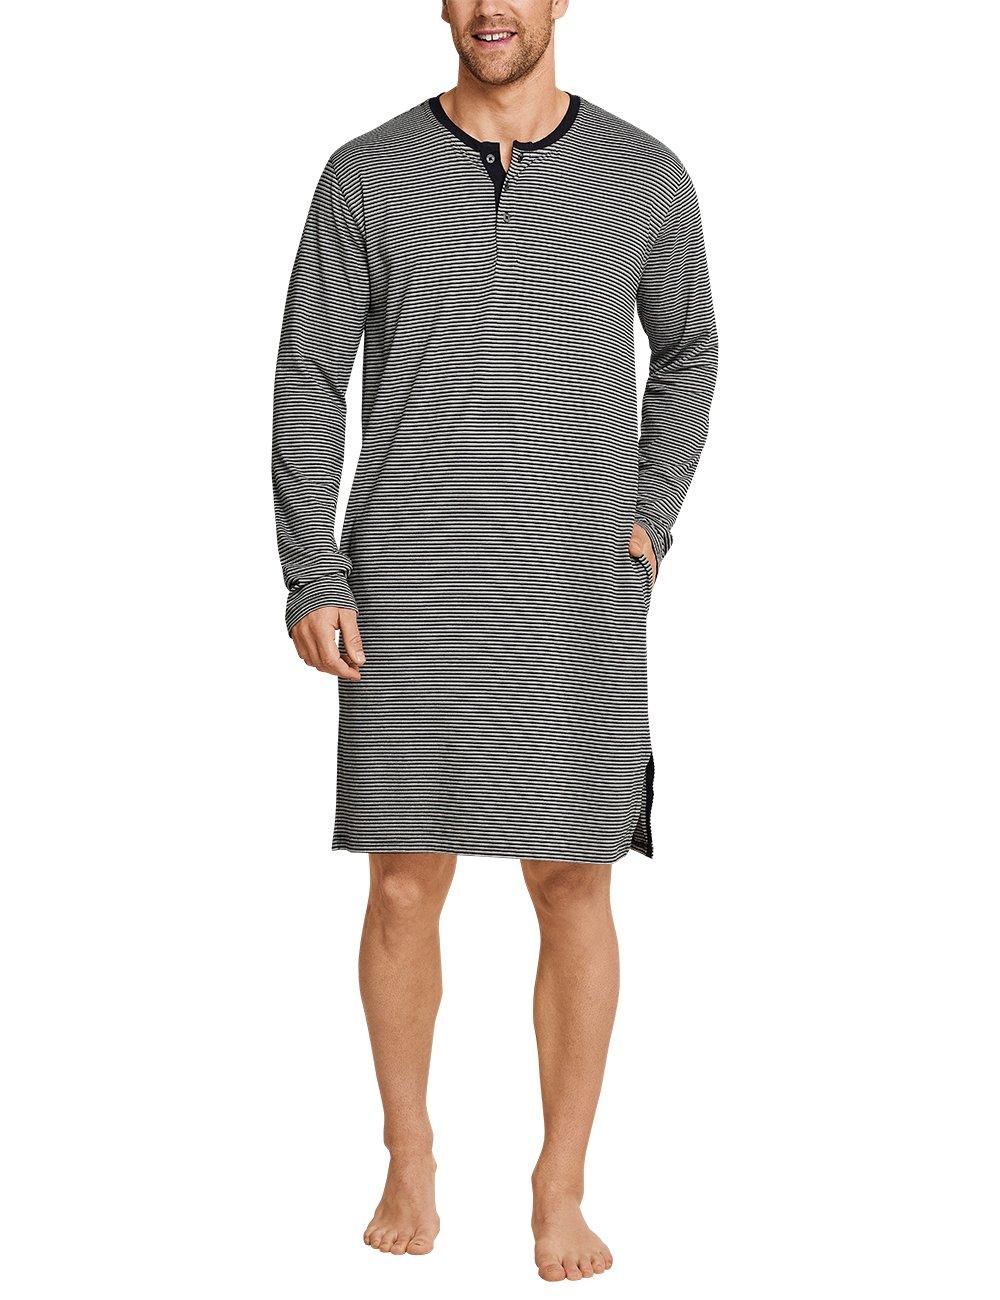 Schiesser Herren Einteiliger Schlafanzug 163650